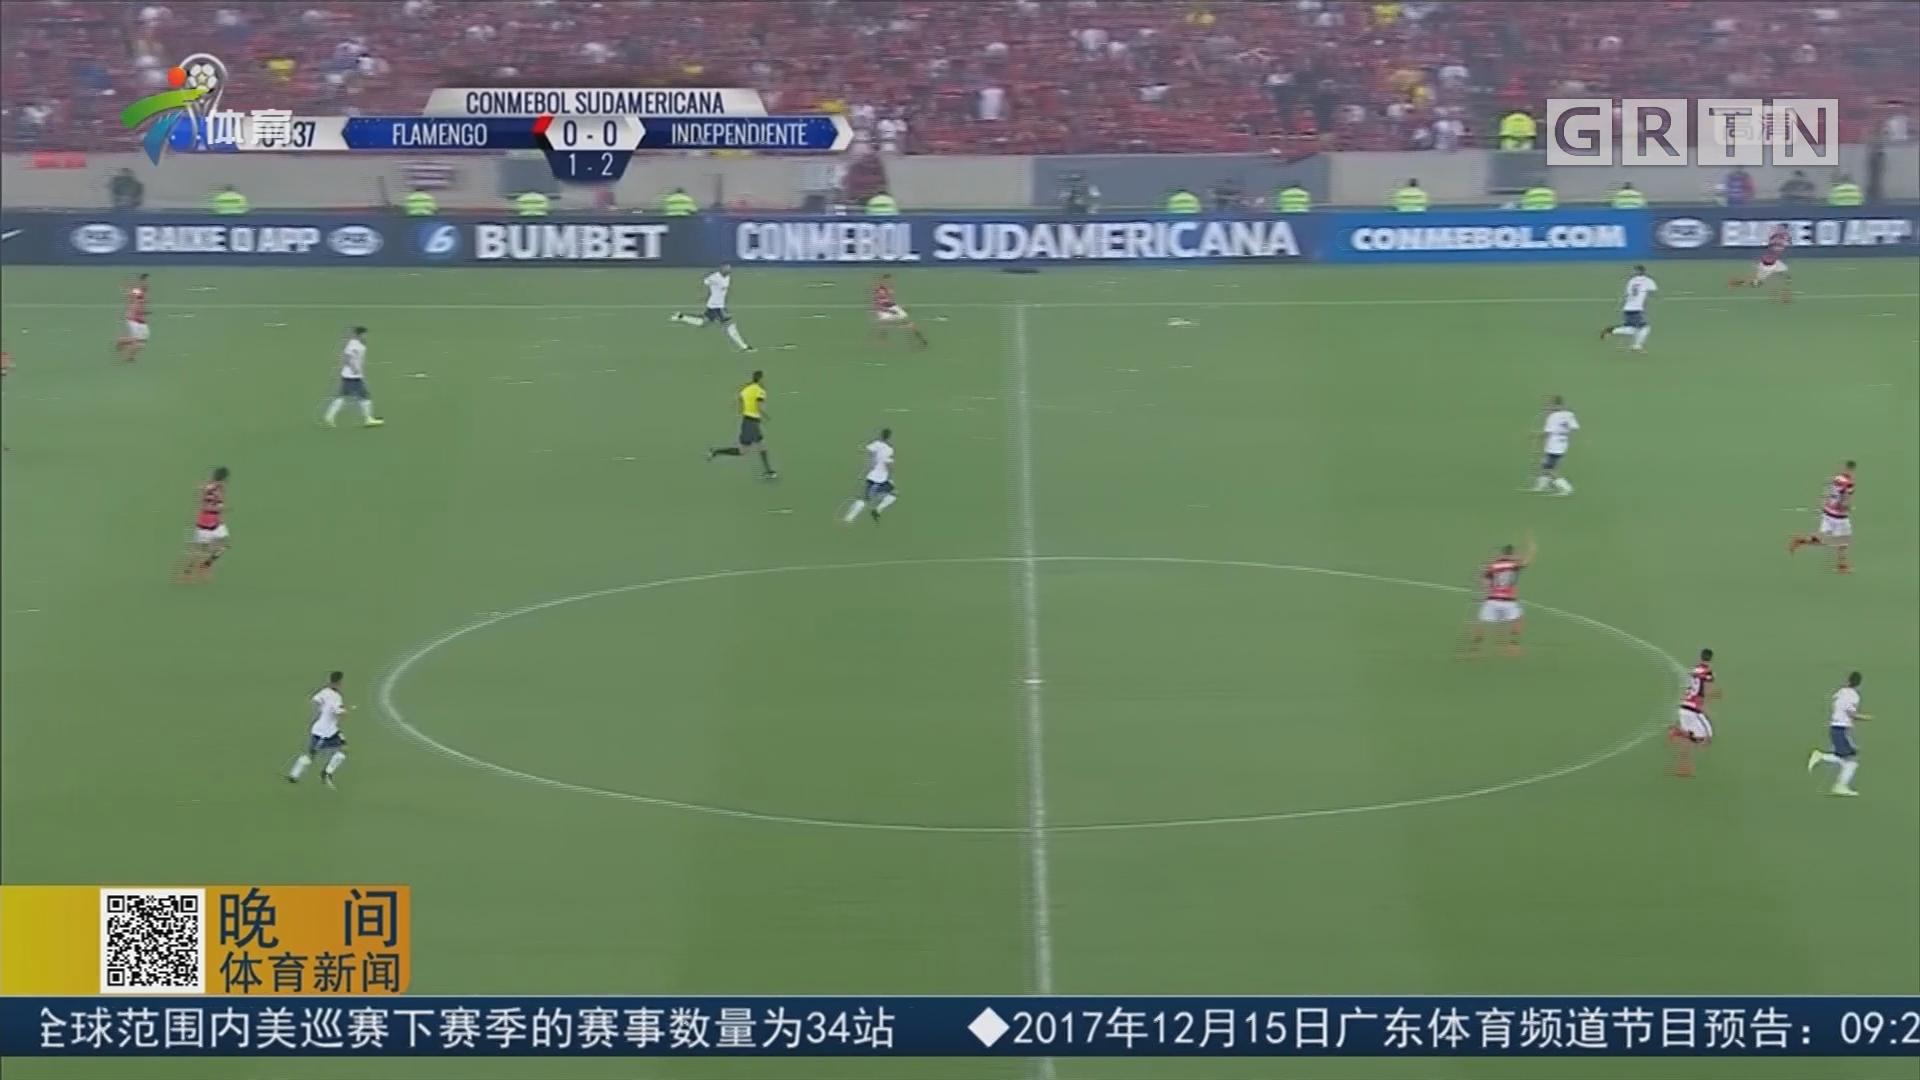 小将建功 阿根廷独立队南美杯登顶